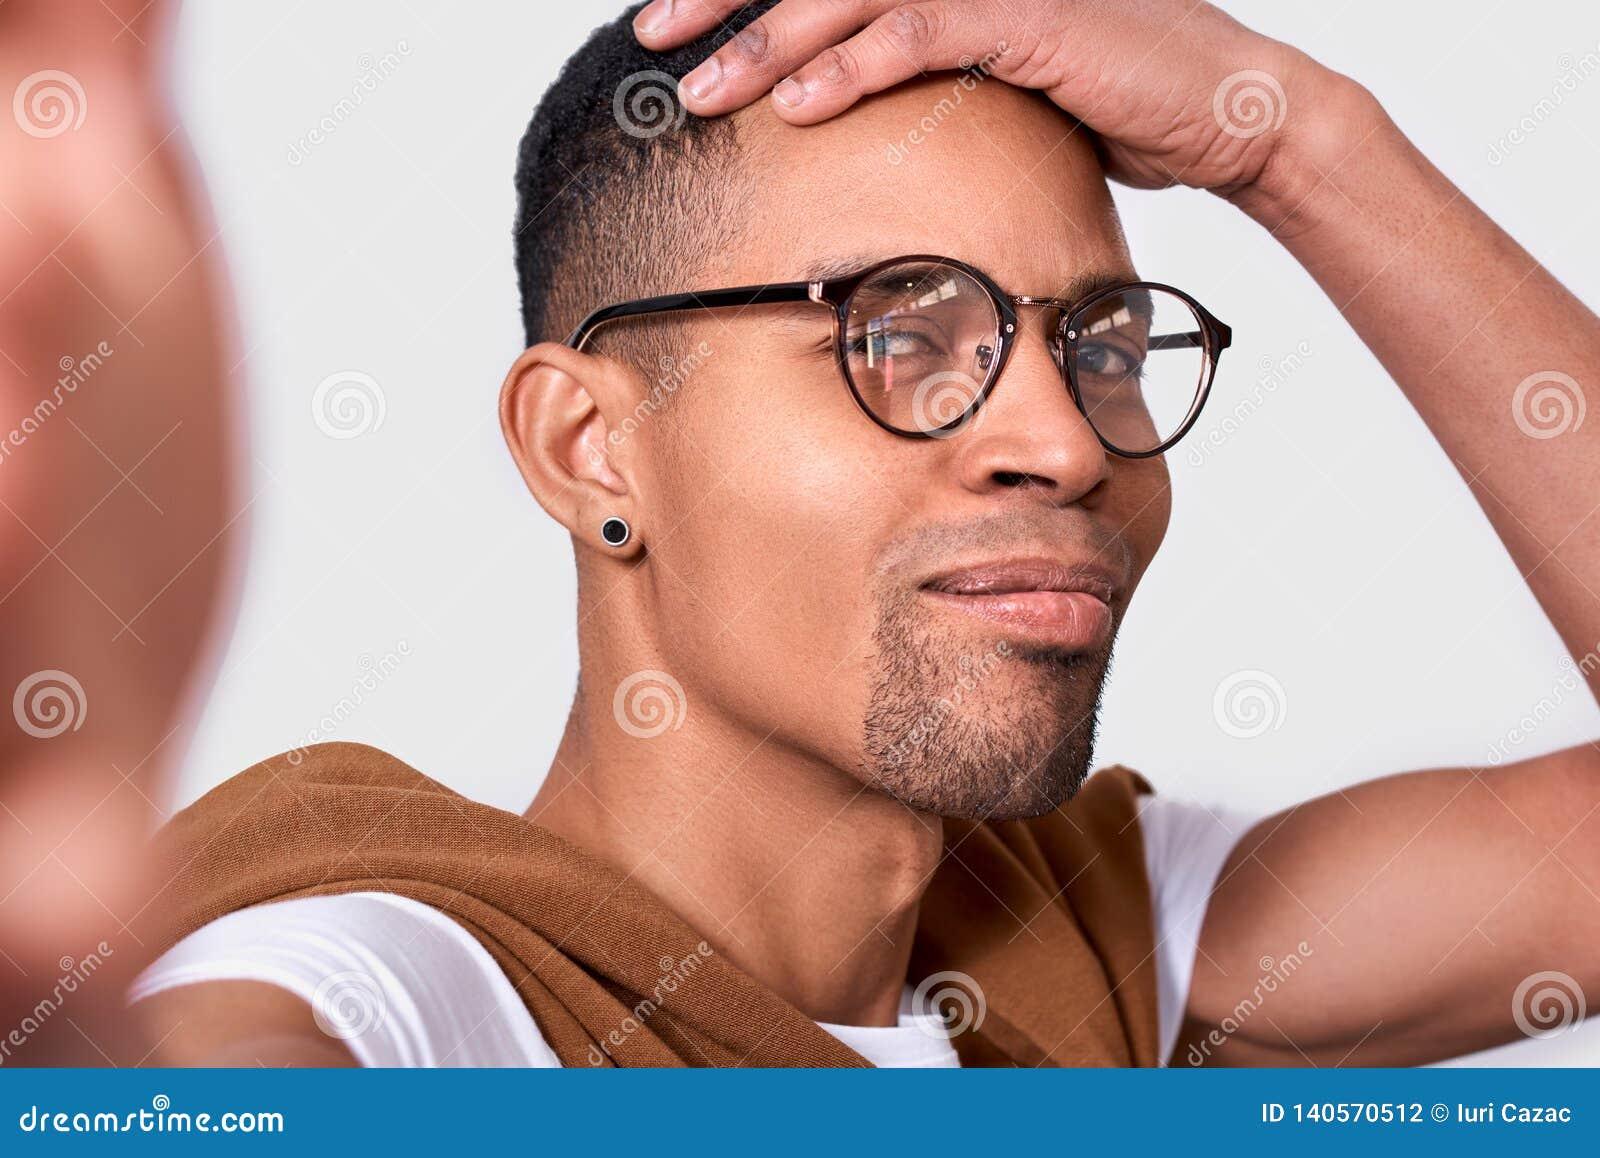 Imagen del primer del hombre joven afroamericano hermoso gafas que sonríe, el llevar, mirando la cámara y tomando el autorretrato